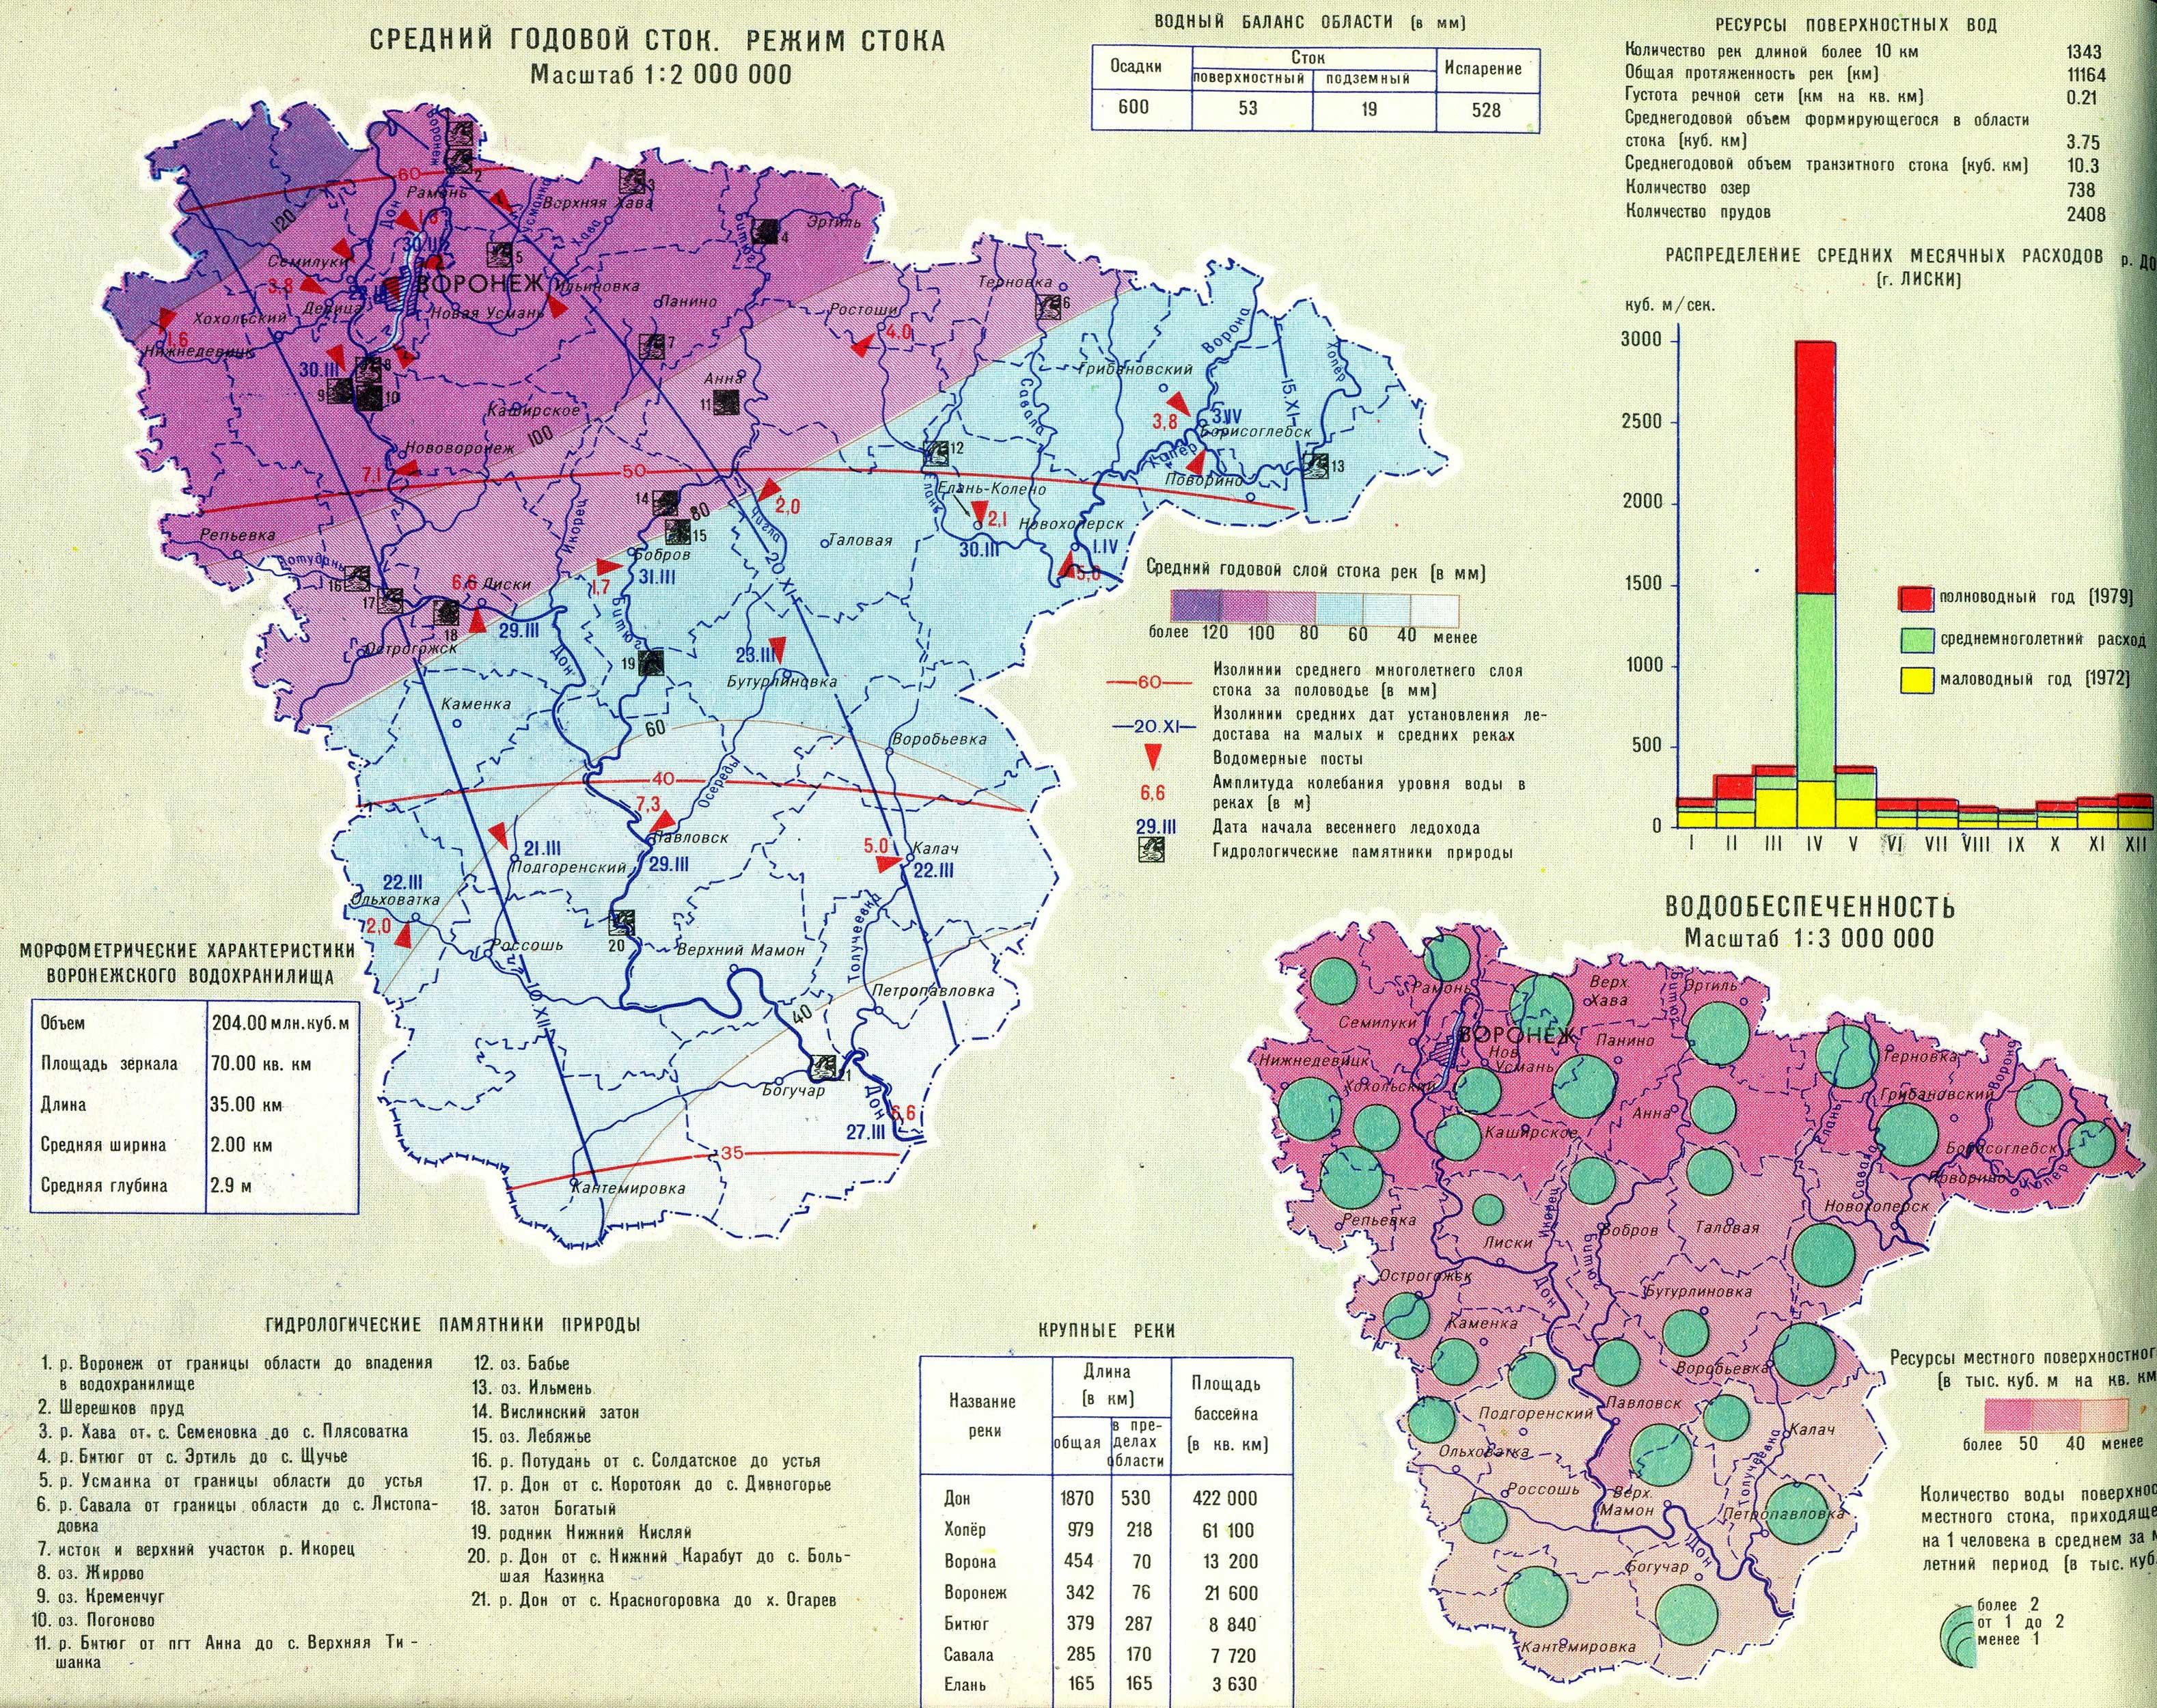 географические карты и схемы воронежской области